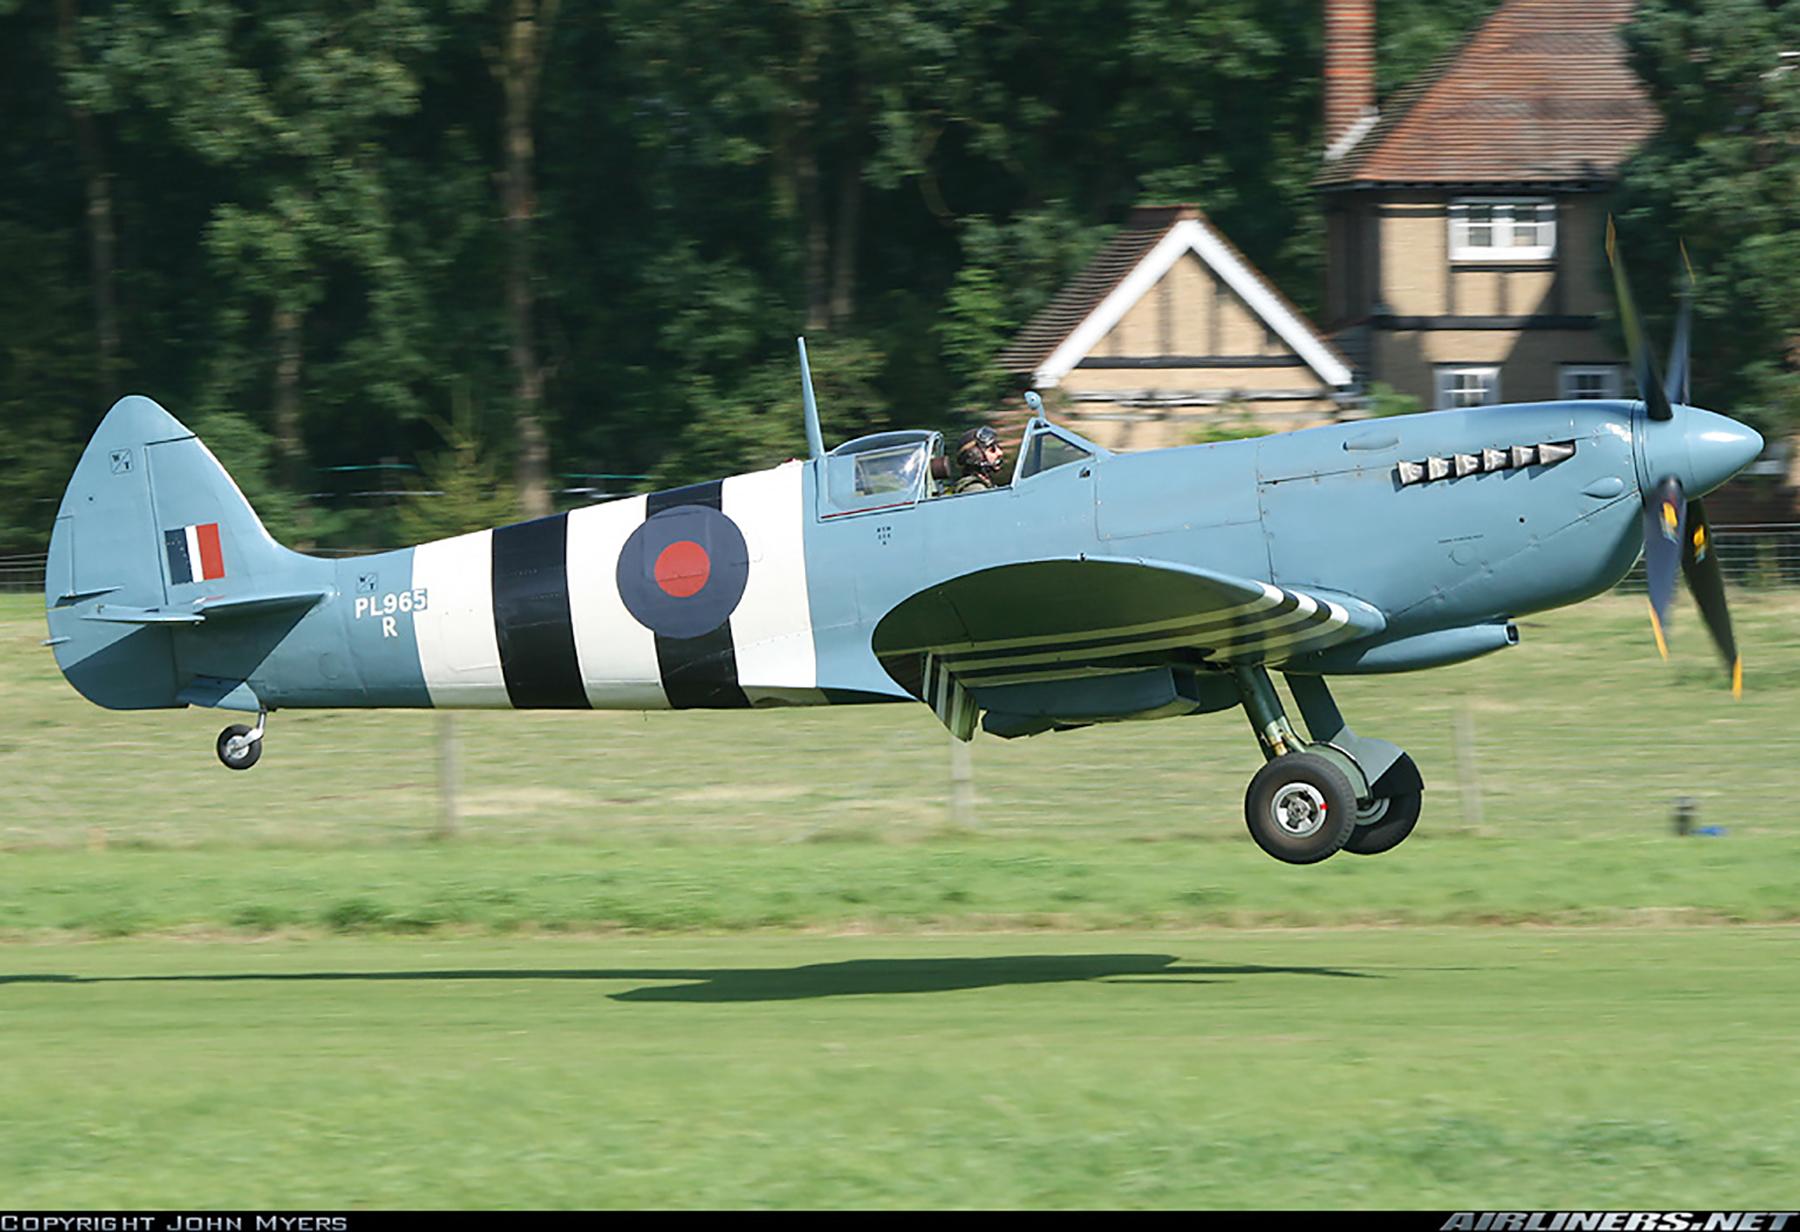 Airworthy Spitfire warbird PRXI RAF 16Sqn R PL965 21